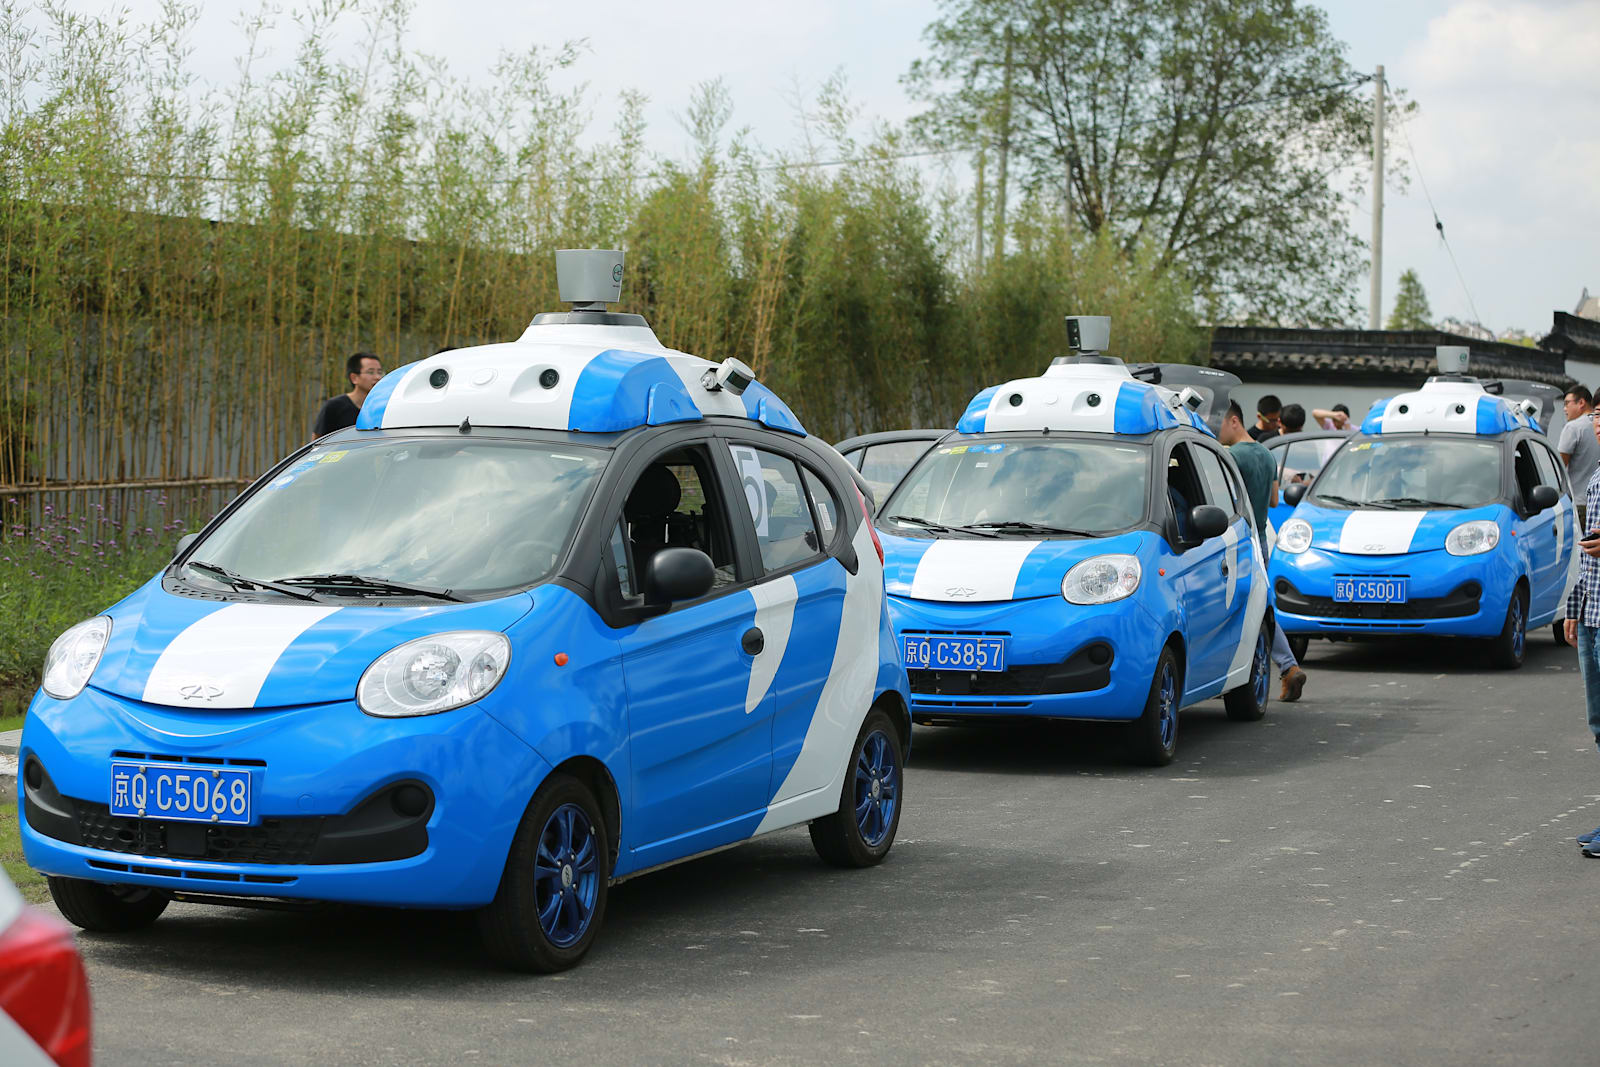 baidu-driverless-cars-in-test-run-during